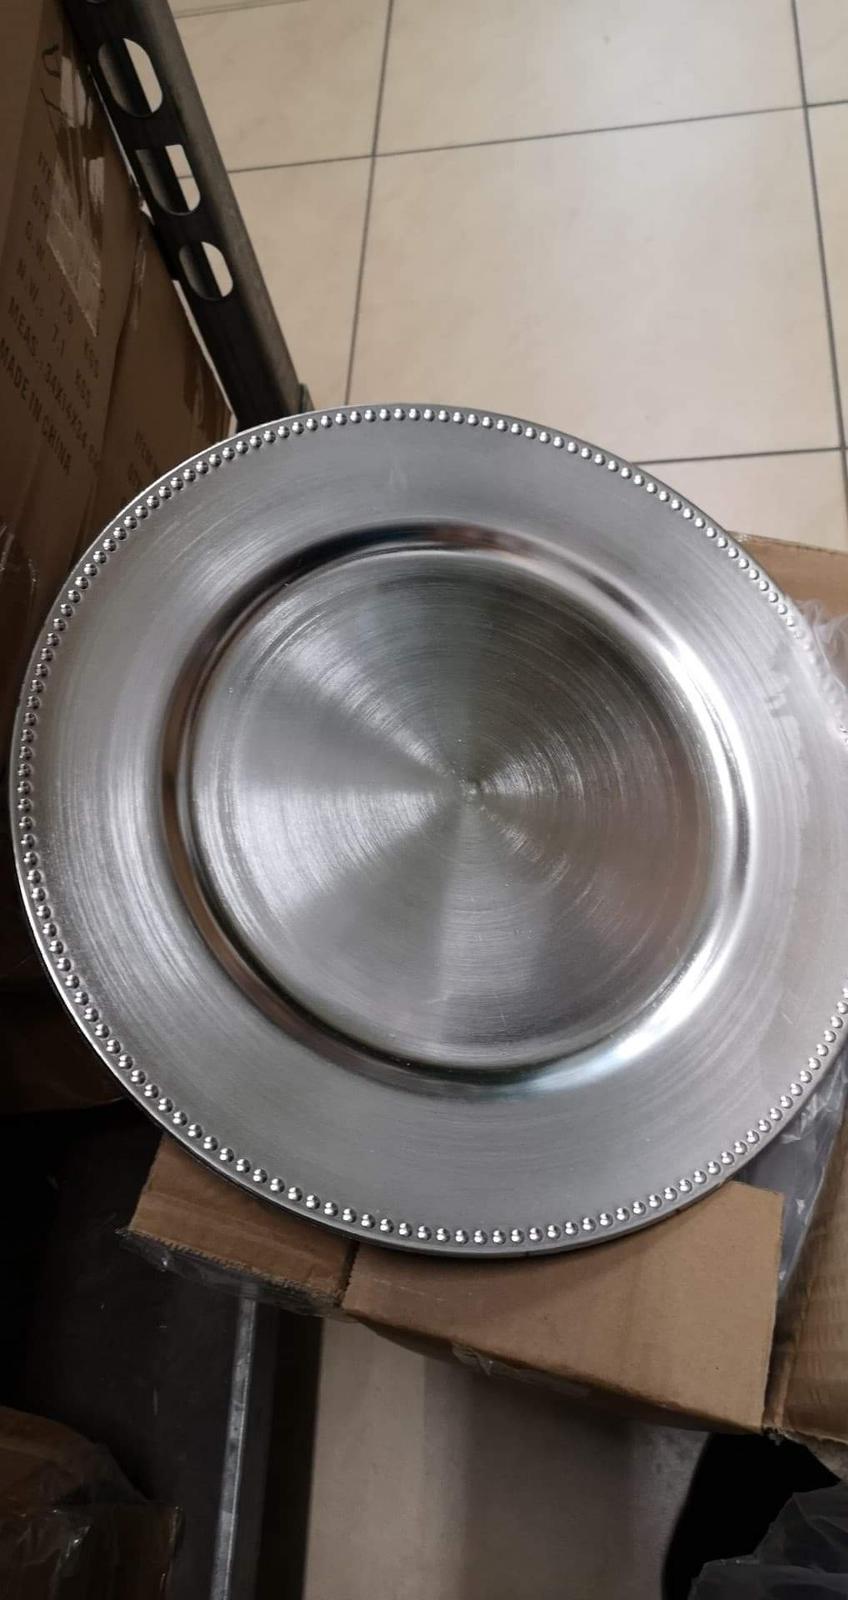 Klubové taniere strieborné  - Obrázok č. 1